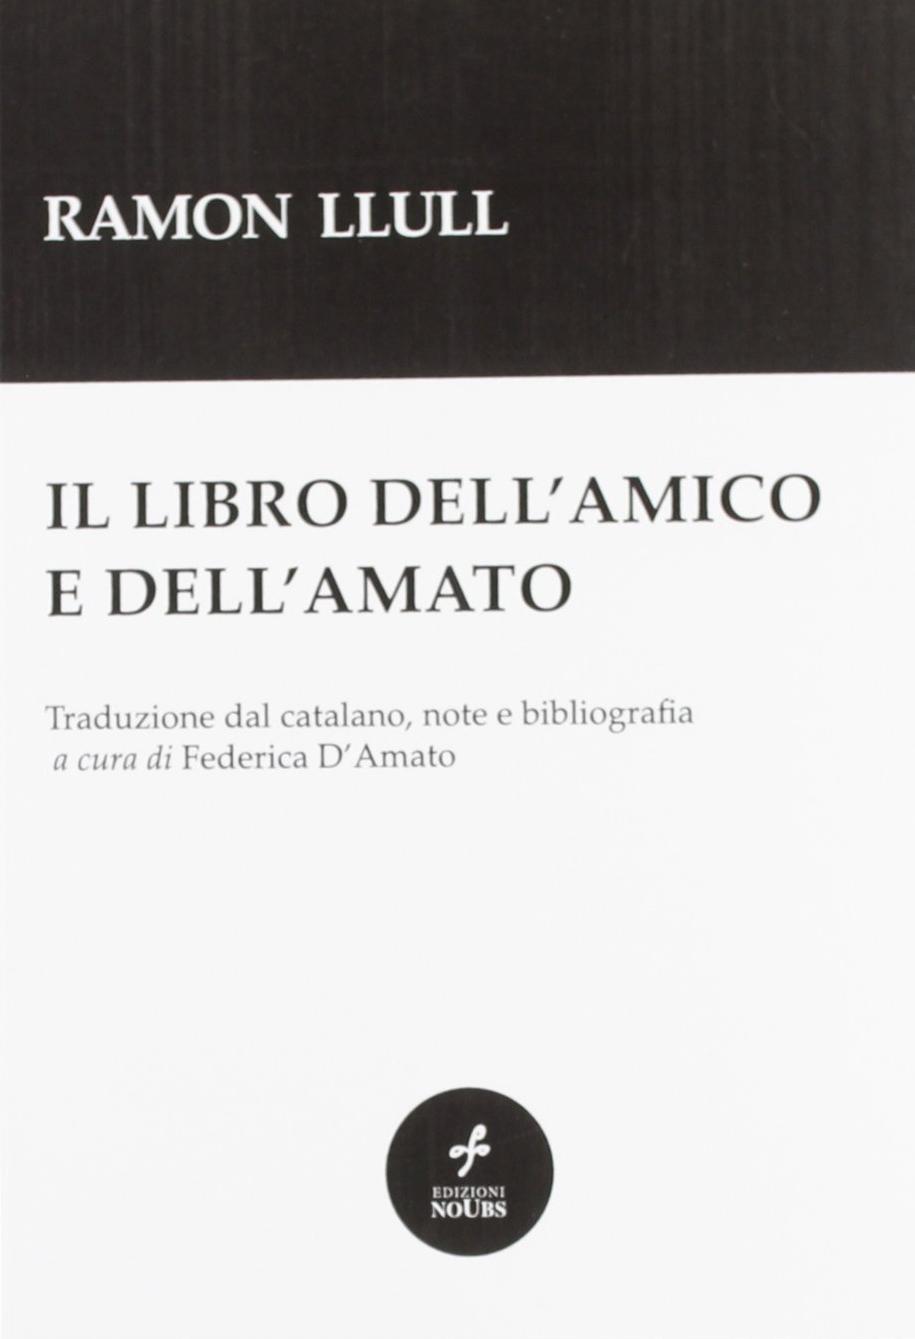 Il libro dell'amico e dell'amato di Albert Soler. Ediz. critica